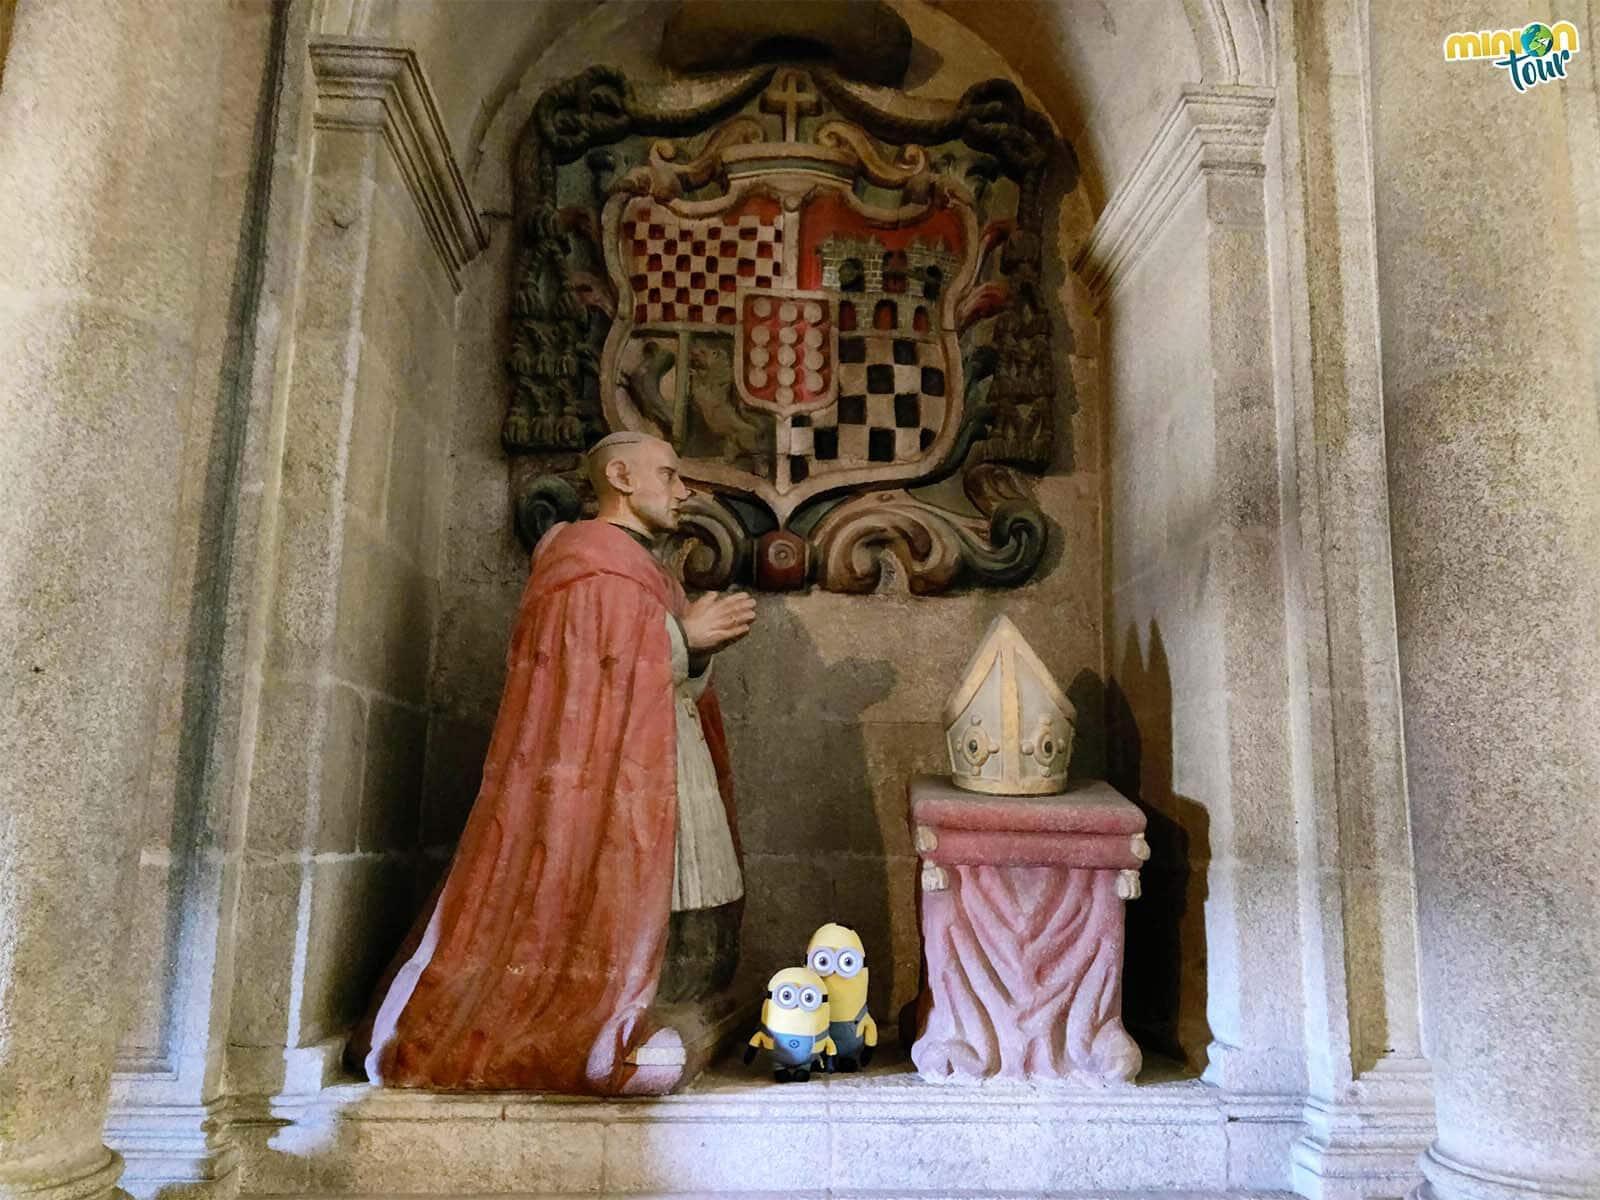 El sepulcro del obispo Sarmiento en el Santuario de la Virgen de los Remedios de Mondoñedo